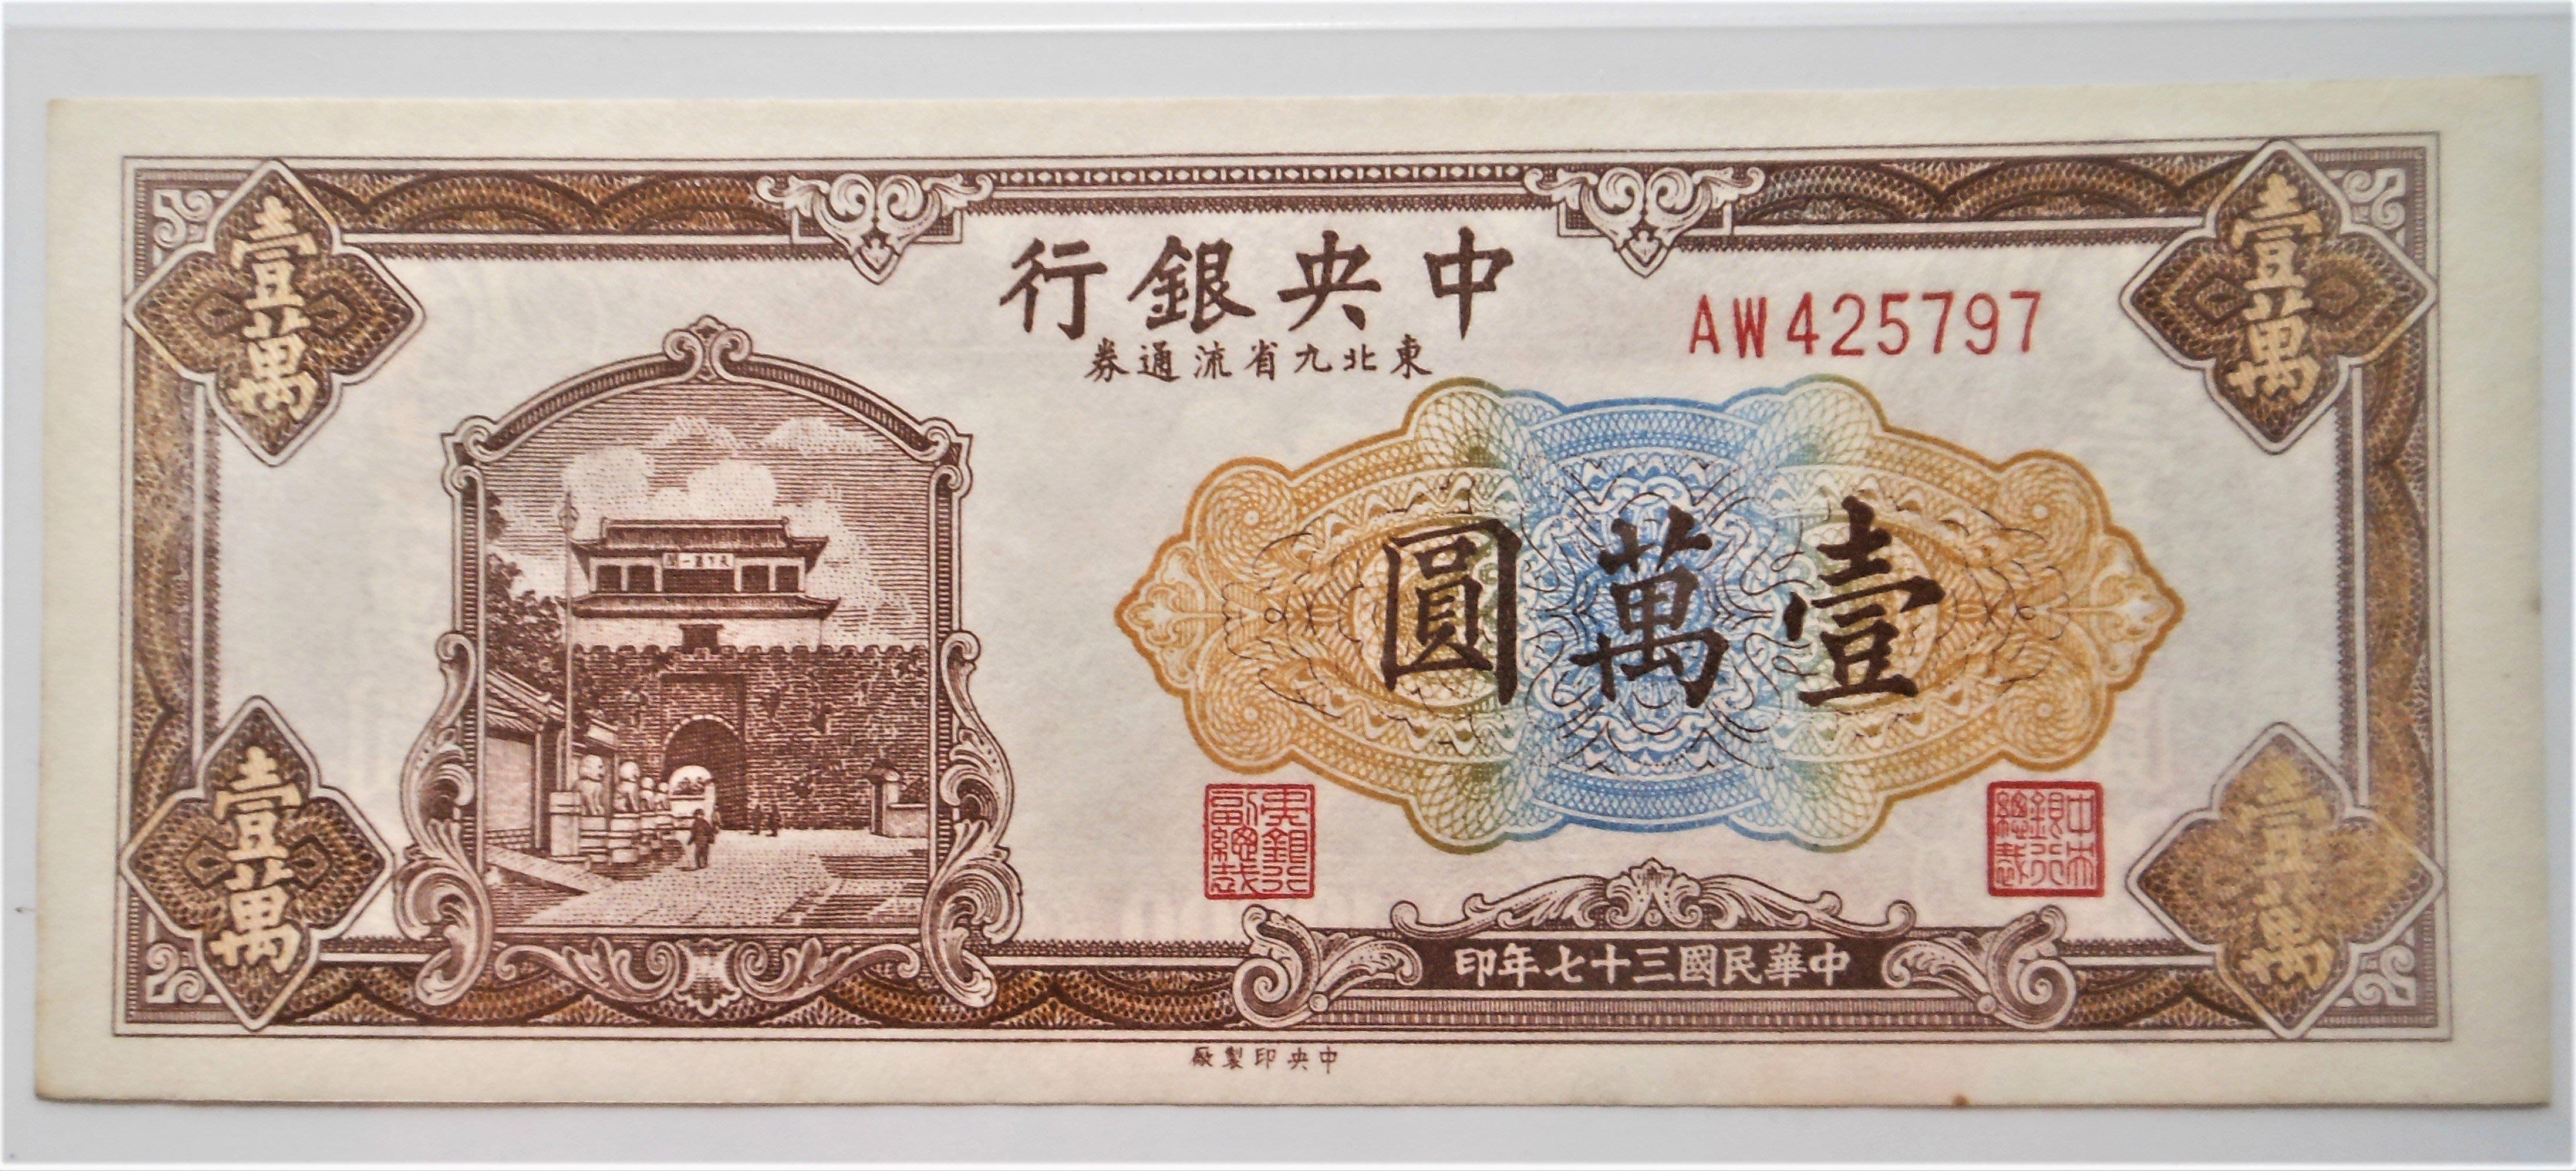 37年中央銀行 東北流通券 壹萬圓 ~無中折約97新